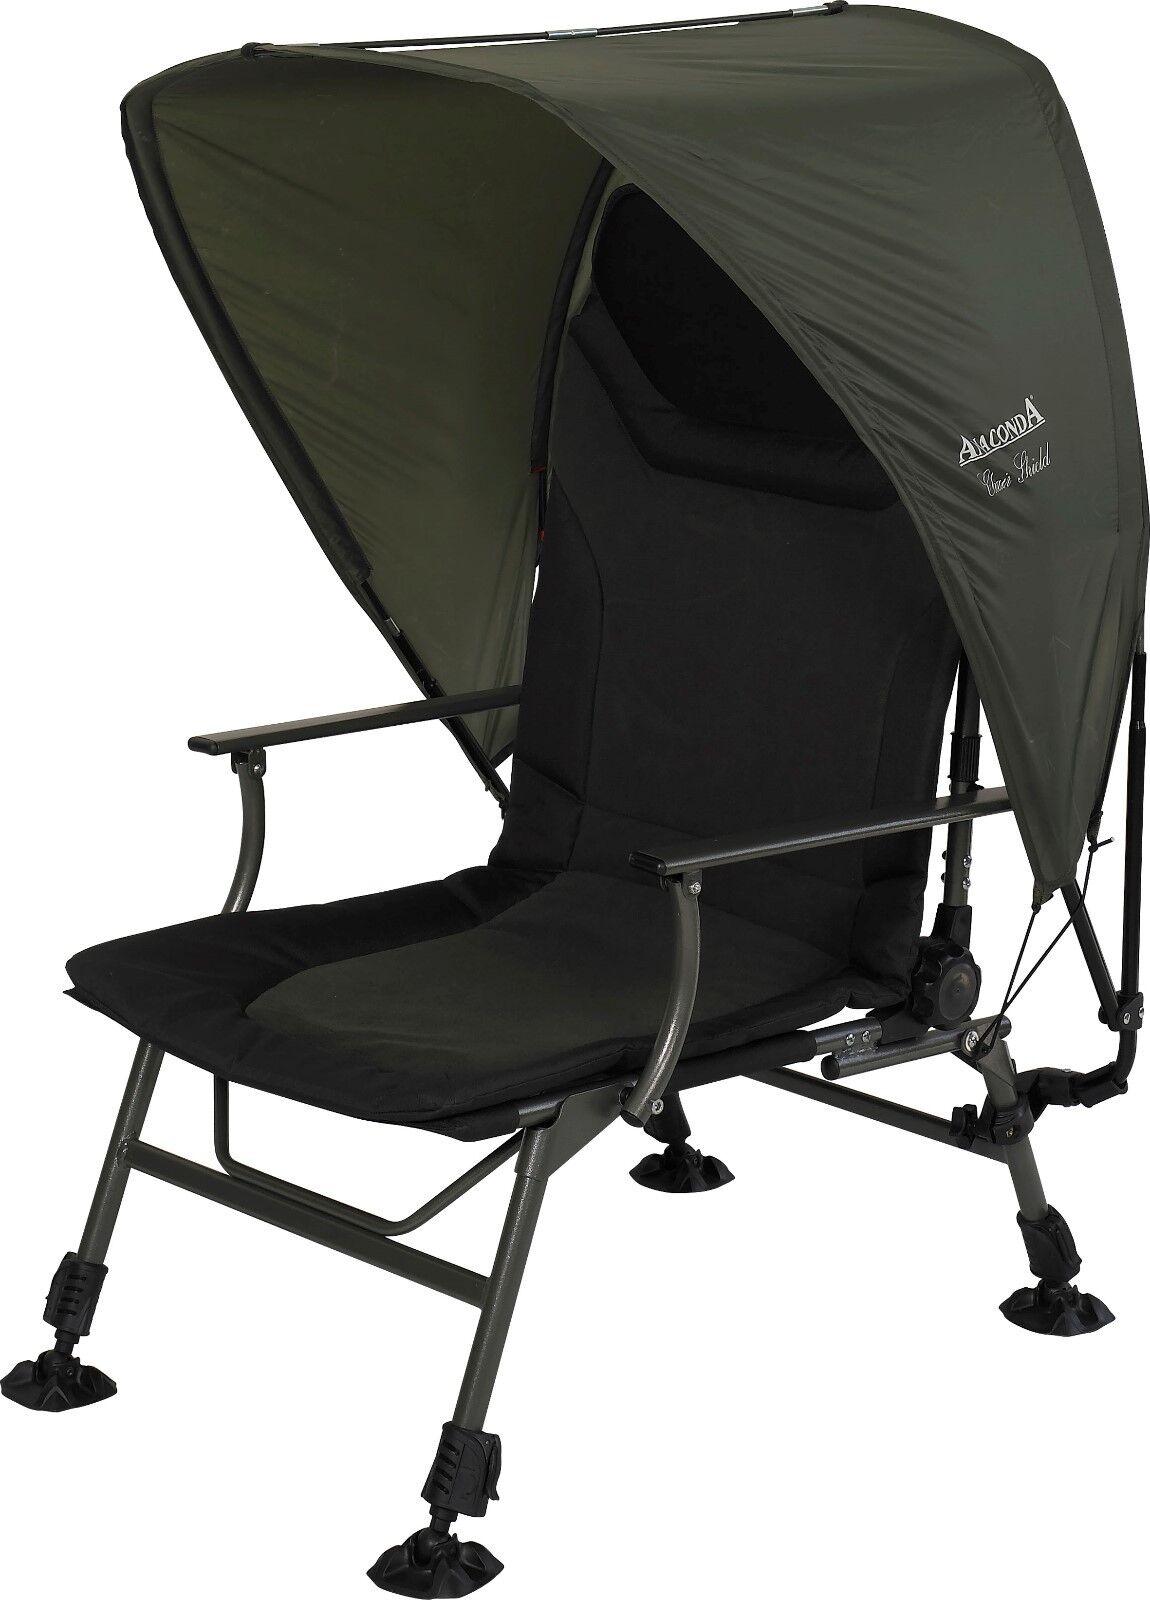 Ohne Stuhl Anaconda  Chair Shield  Sonnenschutz für Angelstuhl Campingstuhl 571